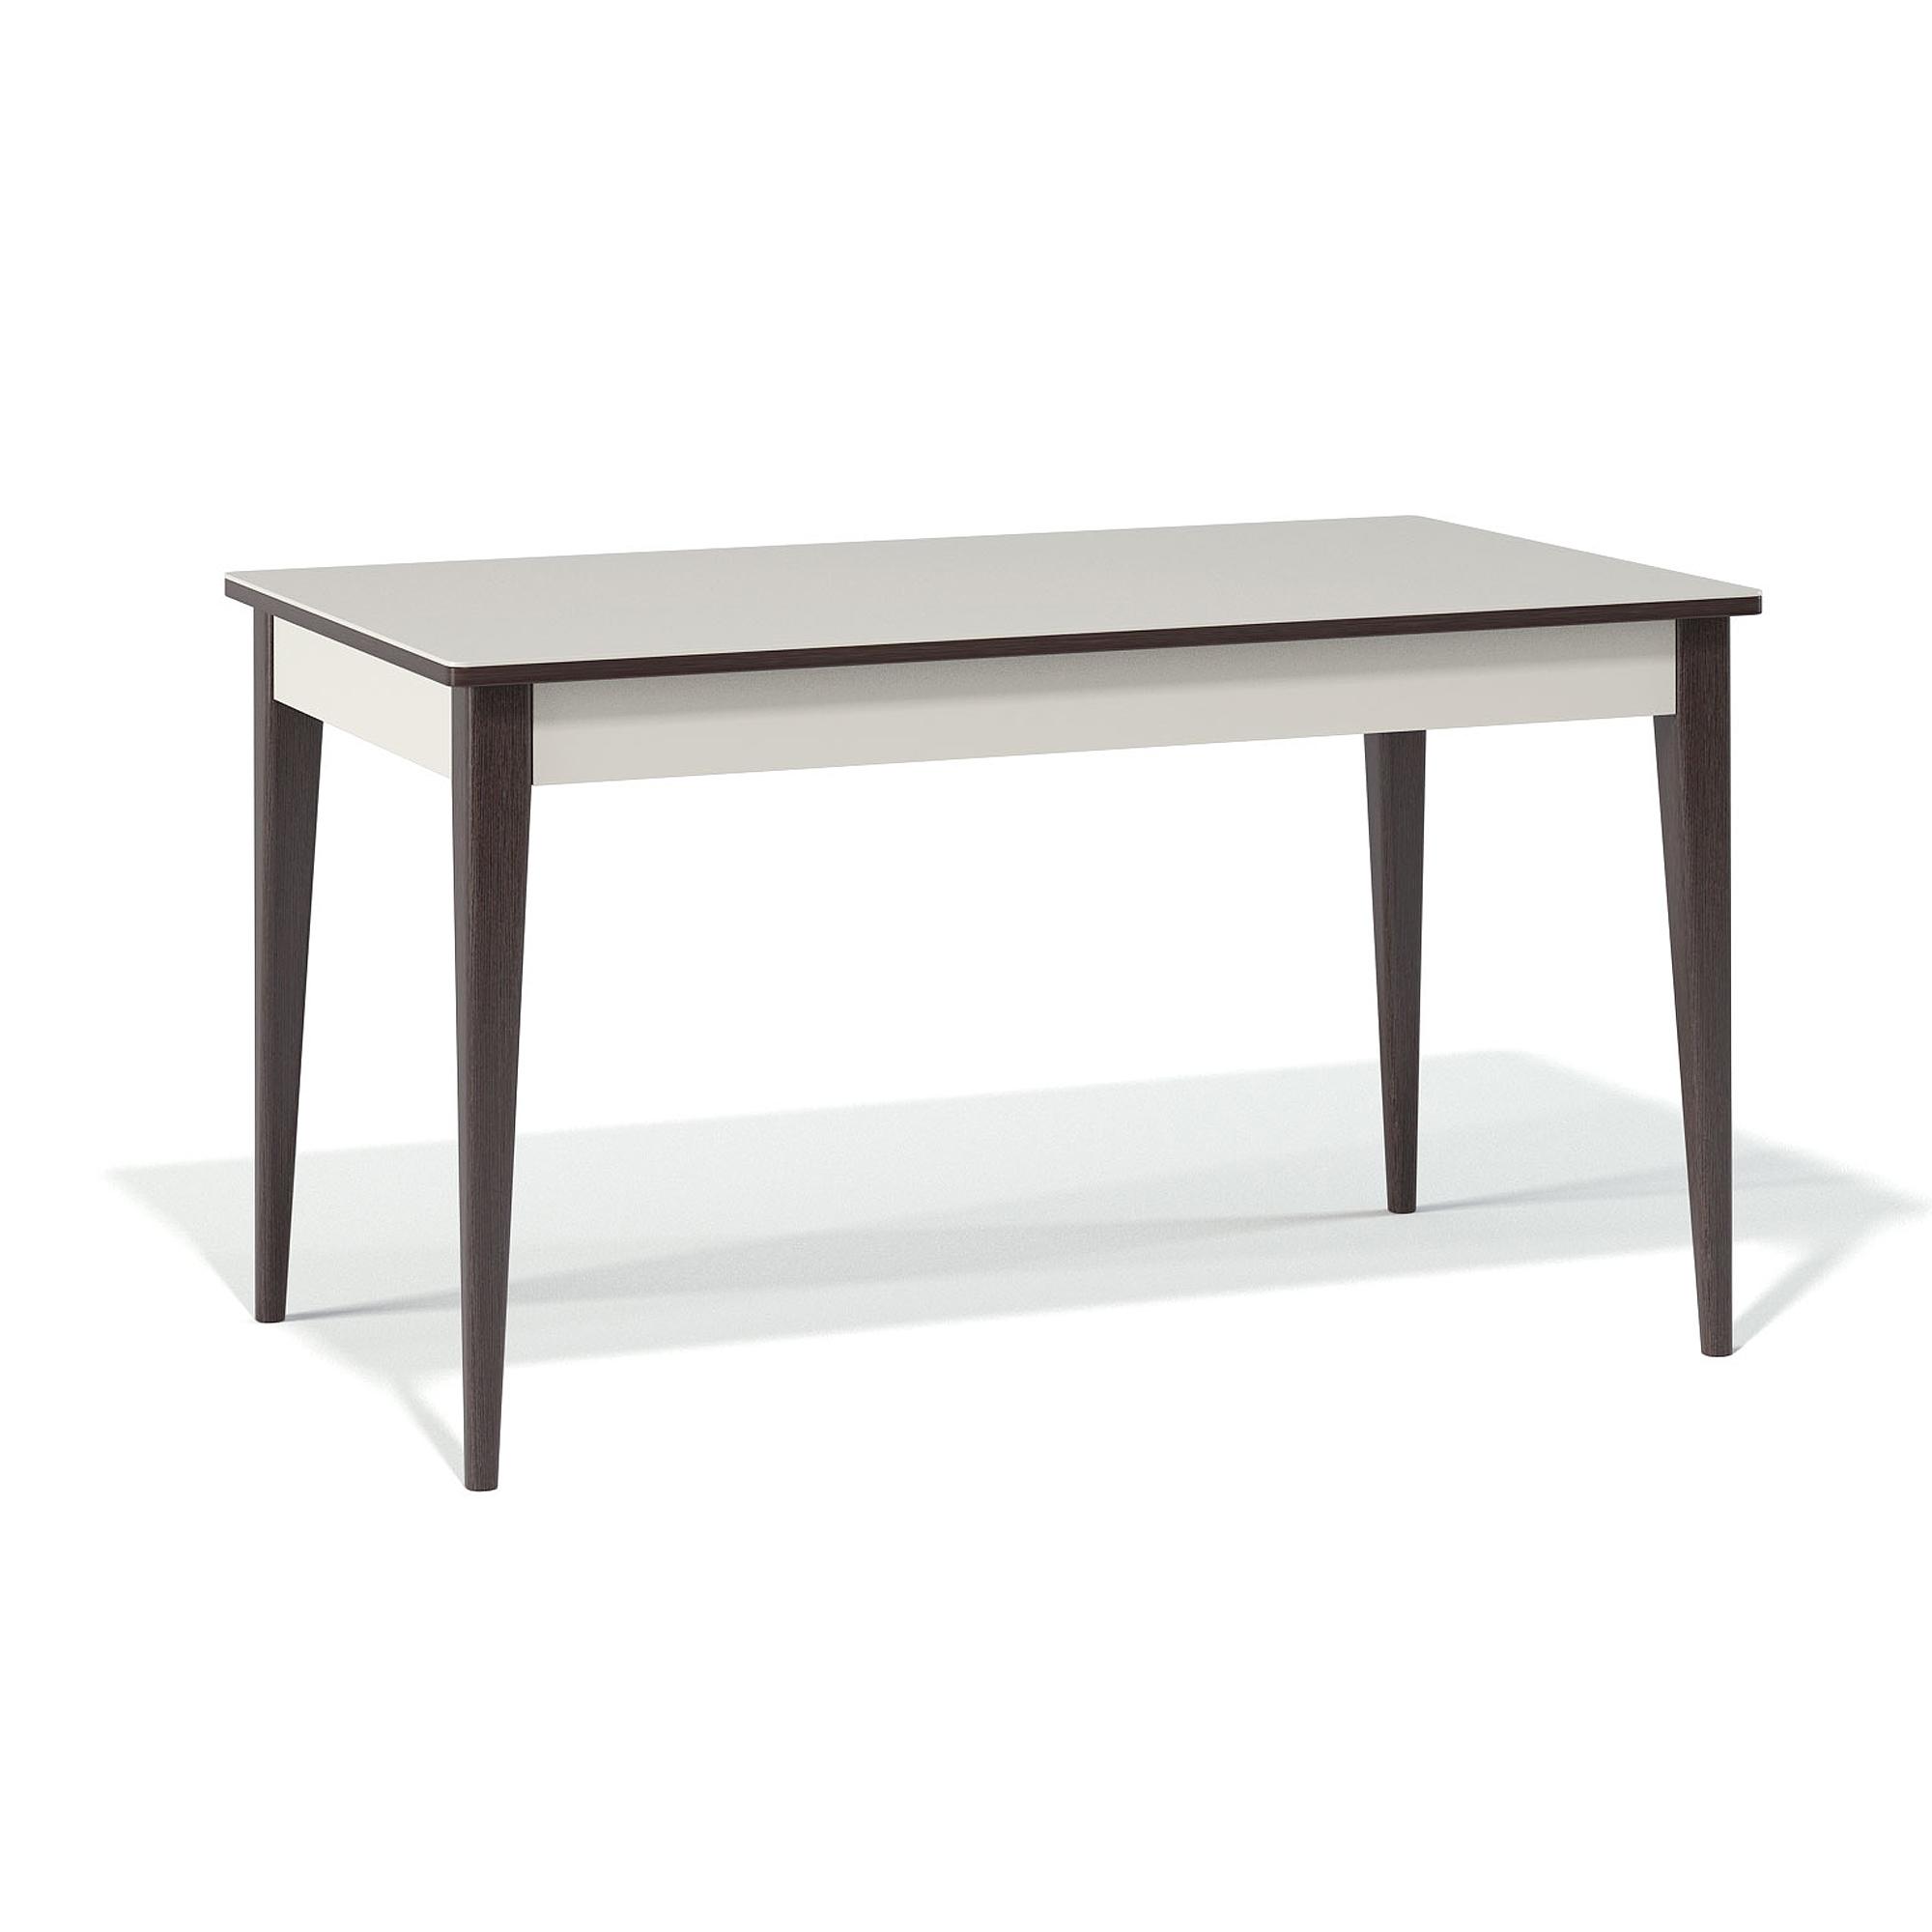 Стол обеденный KennerОбеденные столы<br>Изюминка и оригинальность этого стола заключается в его механизме раскладки. Раскладка происходит вместе с опорами - такой механизм называется &amp;quot;телескоп&amp;quot; - очень удобно и быстро можно организовать дополнительное место для гостей.&amp;amp;nbsp;&amp;lt;div&amp;gt;&amp;lt;br&amp;gt;&amp;lt;/div&amp;gt;&amp;lt;div&amp;gt;Столешница стола выполнена из стекла (4 мм)+лдсп, ножки стола - массив бука.&amp;amp;nbsp;&amp;lt;/div&amp;gt;&amp;lt;div&amp;gt;За столом свободно поместится от 6 до 10 человек.&amp;amp;nbsp;&amp;lt;/div&amp;gt;&amp;lt;div&amp;gt;Размеры разложенной столешницы: 200х90 см.&amp;lt;/div&amp;gt;<br><br>Material: Стекло<br>Ширина см: 140.0<br>Высота см: 76.0<br>Глубина см: 90.0